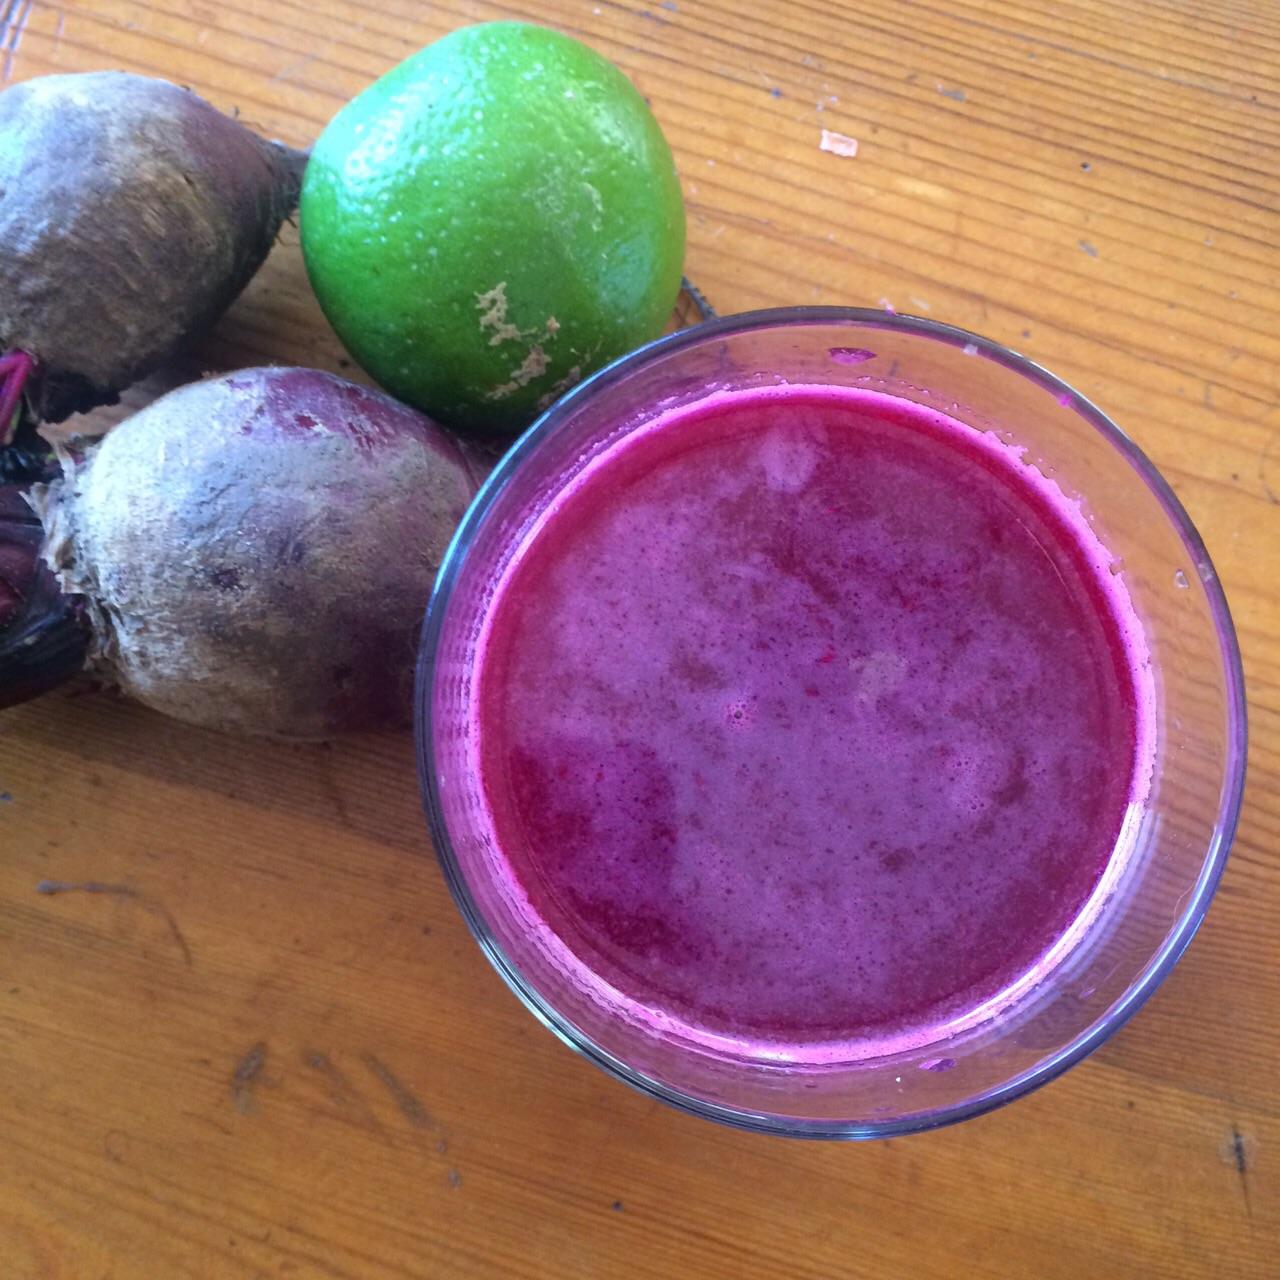 zing & zest Juice, beetroot juice, beetroot, grapefuit, lime, health, nutrition, beetroot juice recipes